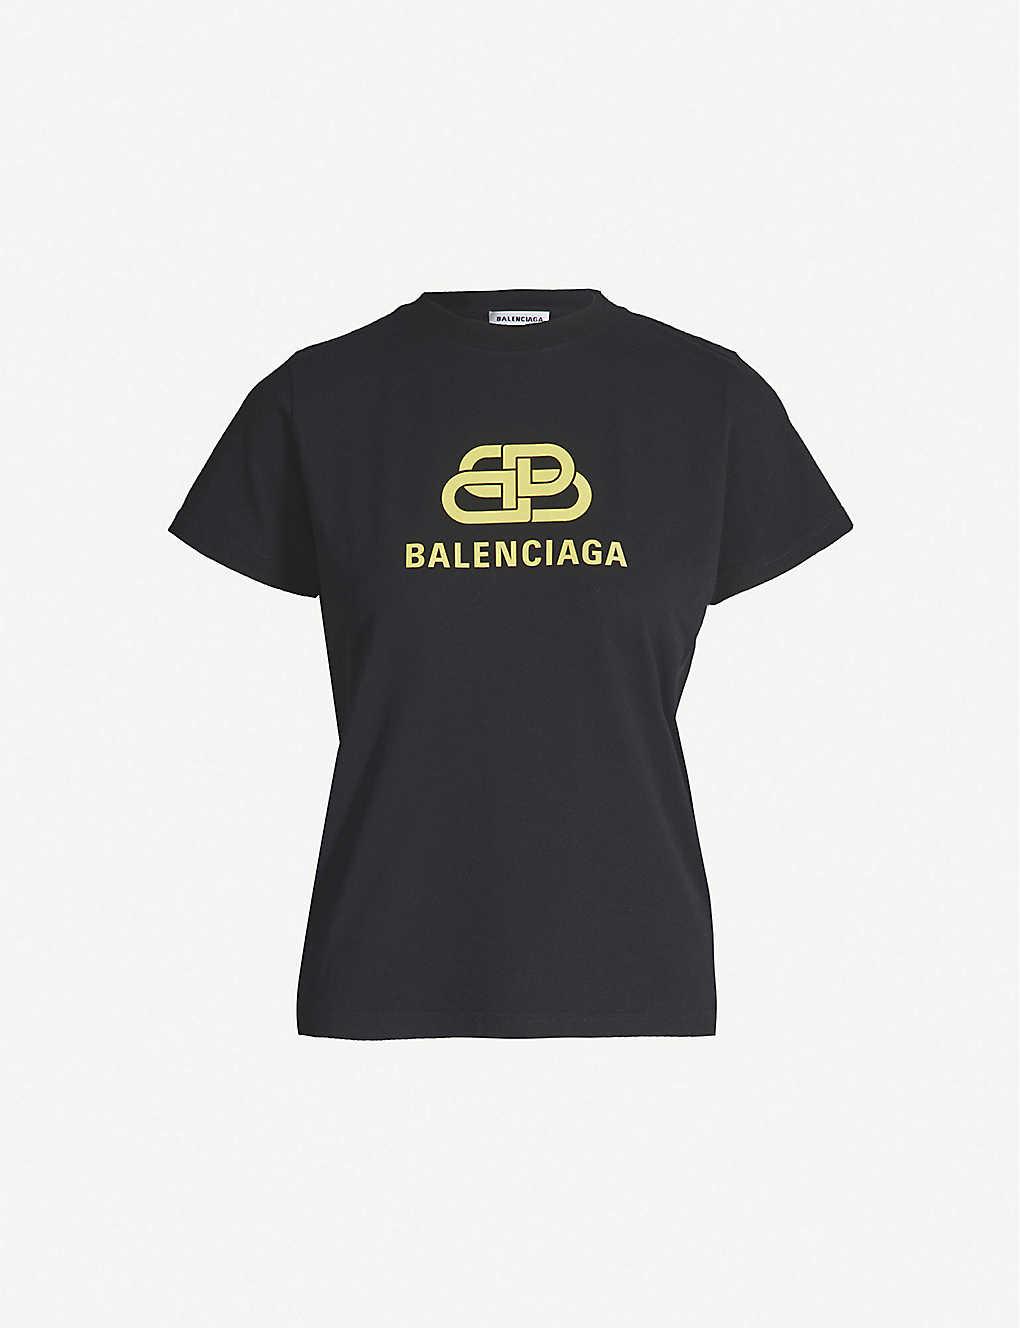 0f93d272359a BALENCIAGA - Logo-print oversized cotton-jersey T-shirt | Selfridges.com